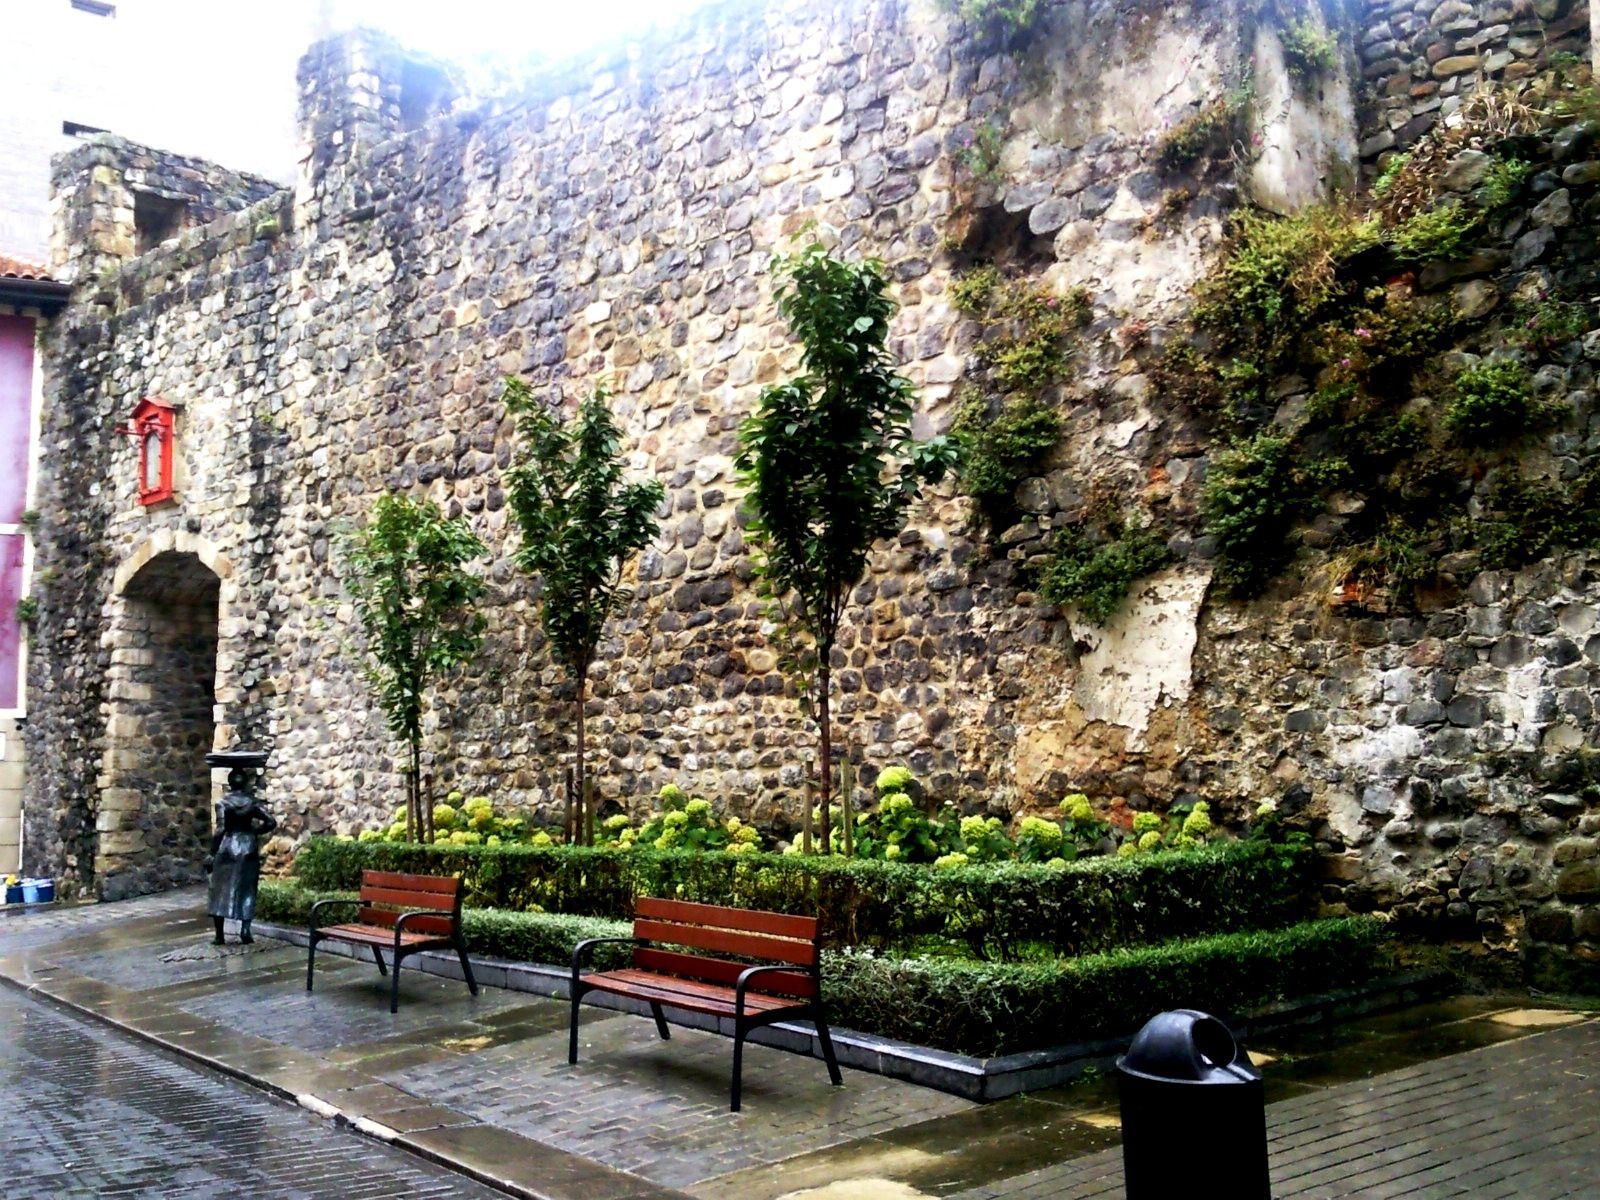 Entrada de Muralla - The Castle port